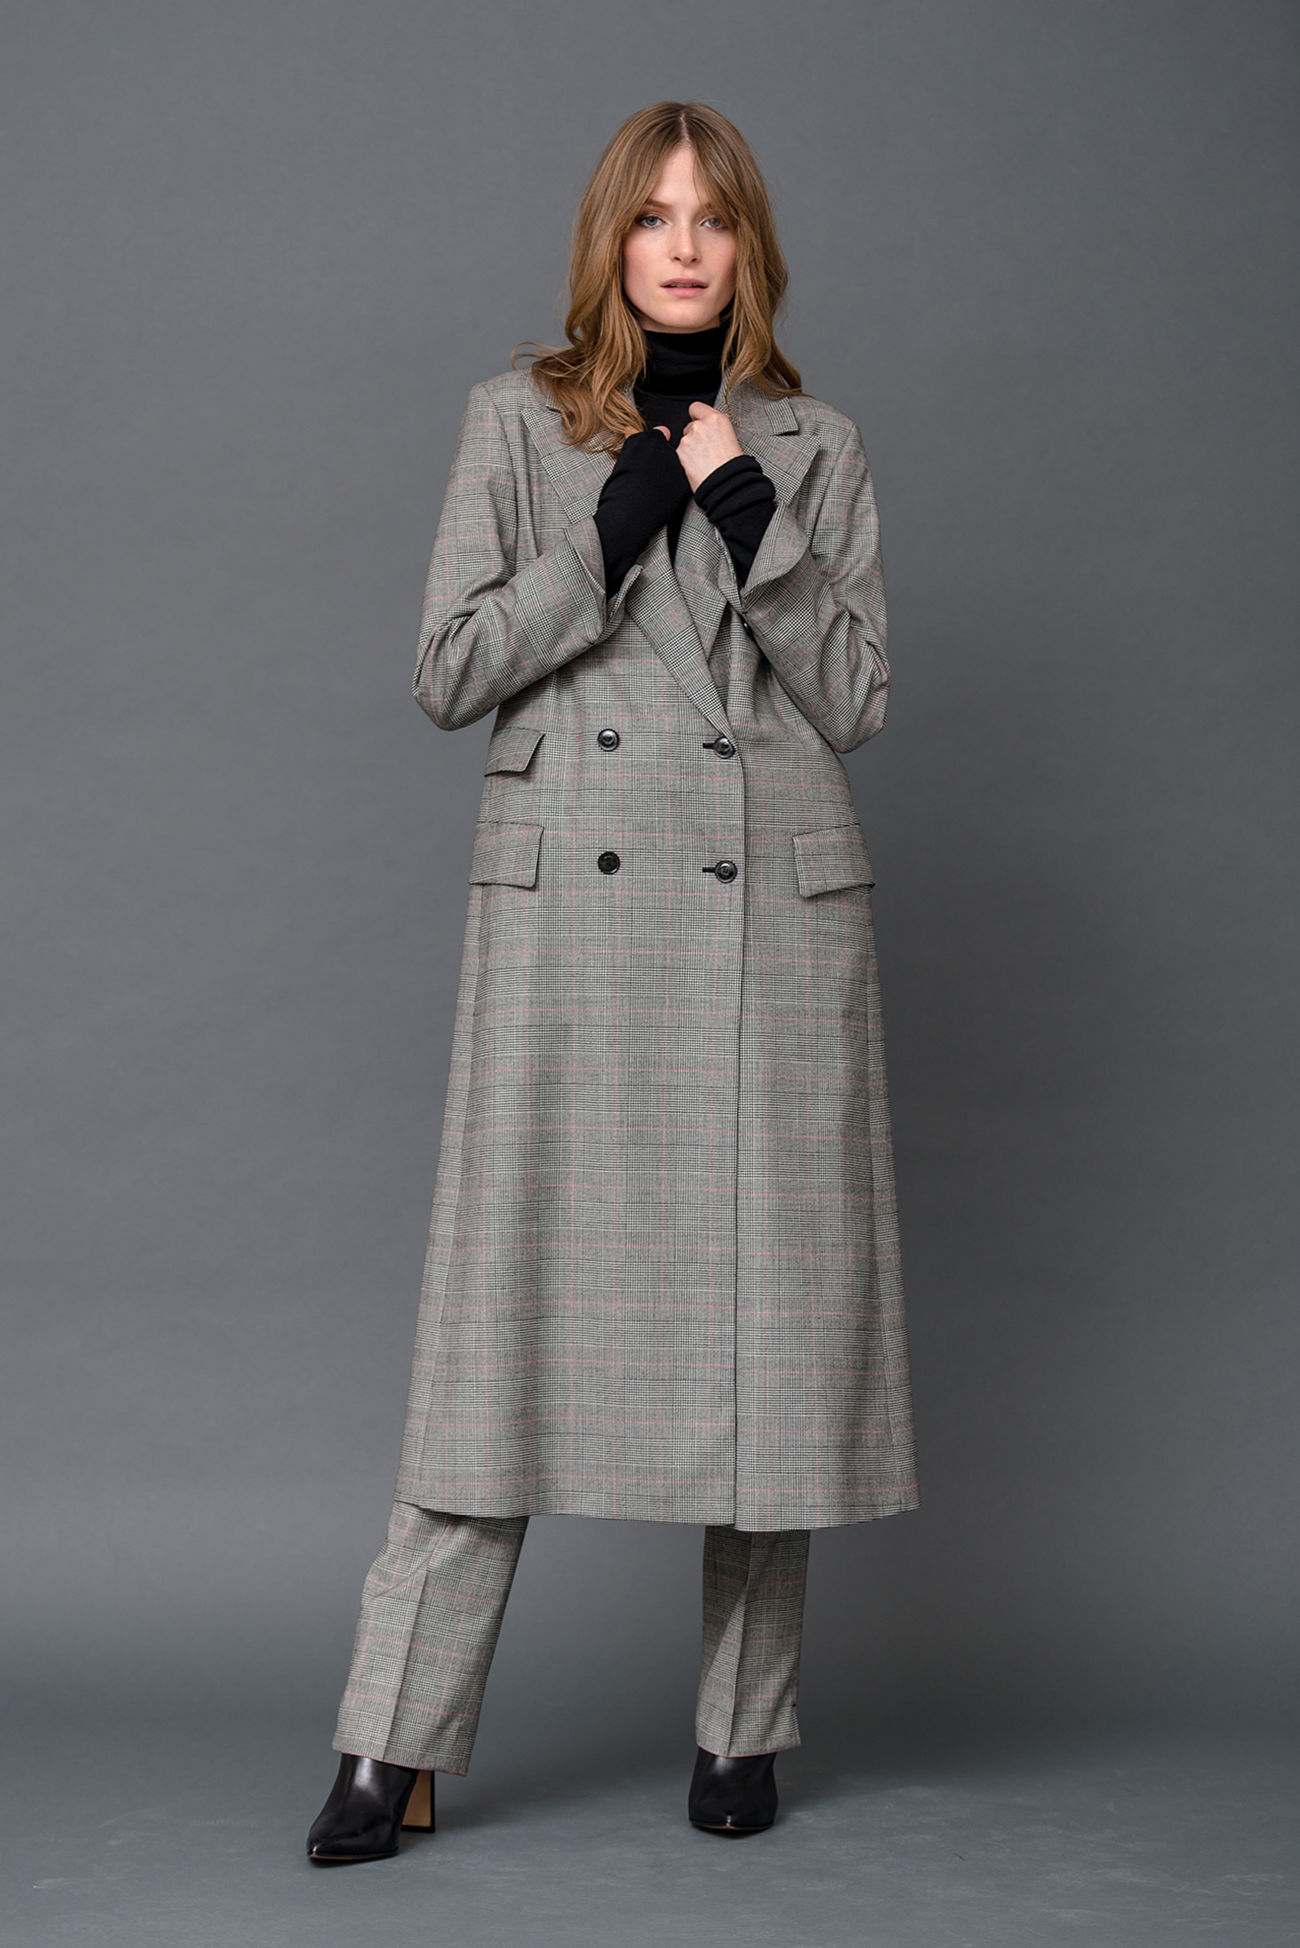 Mantel in angesagtem Glencheck